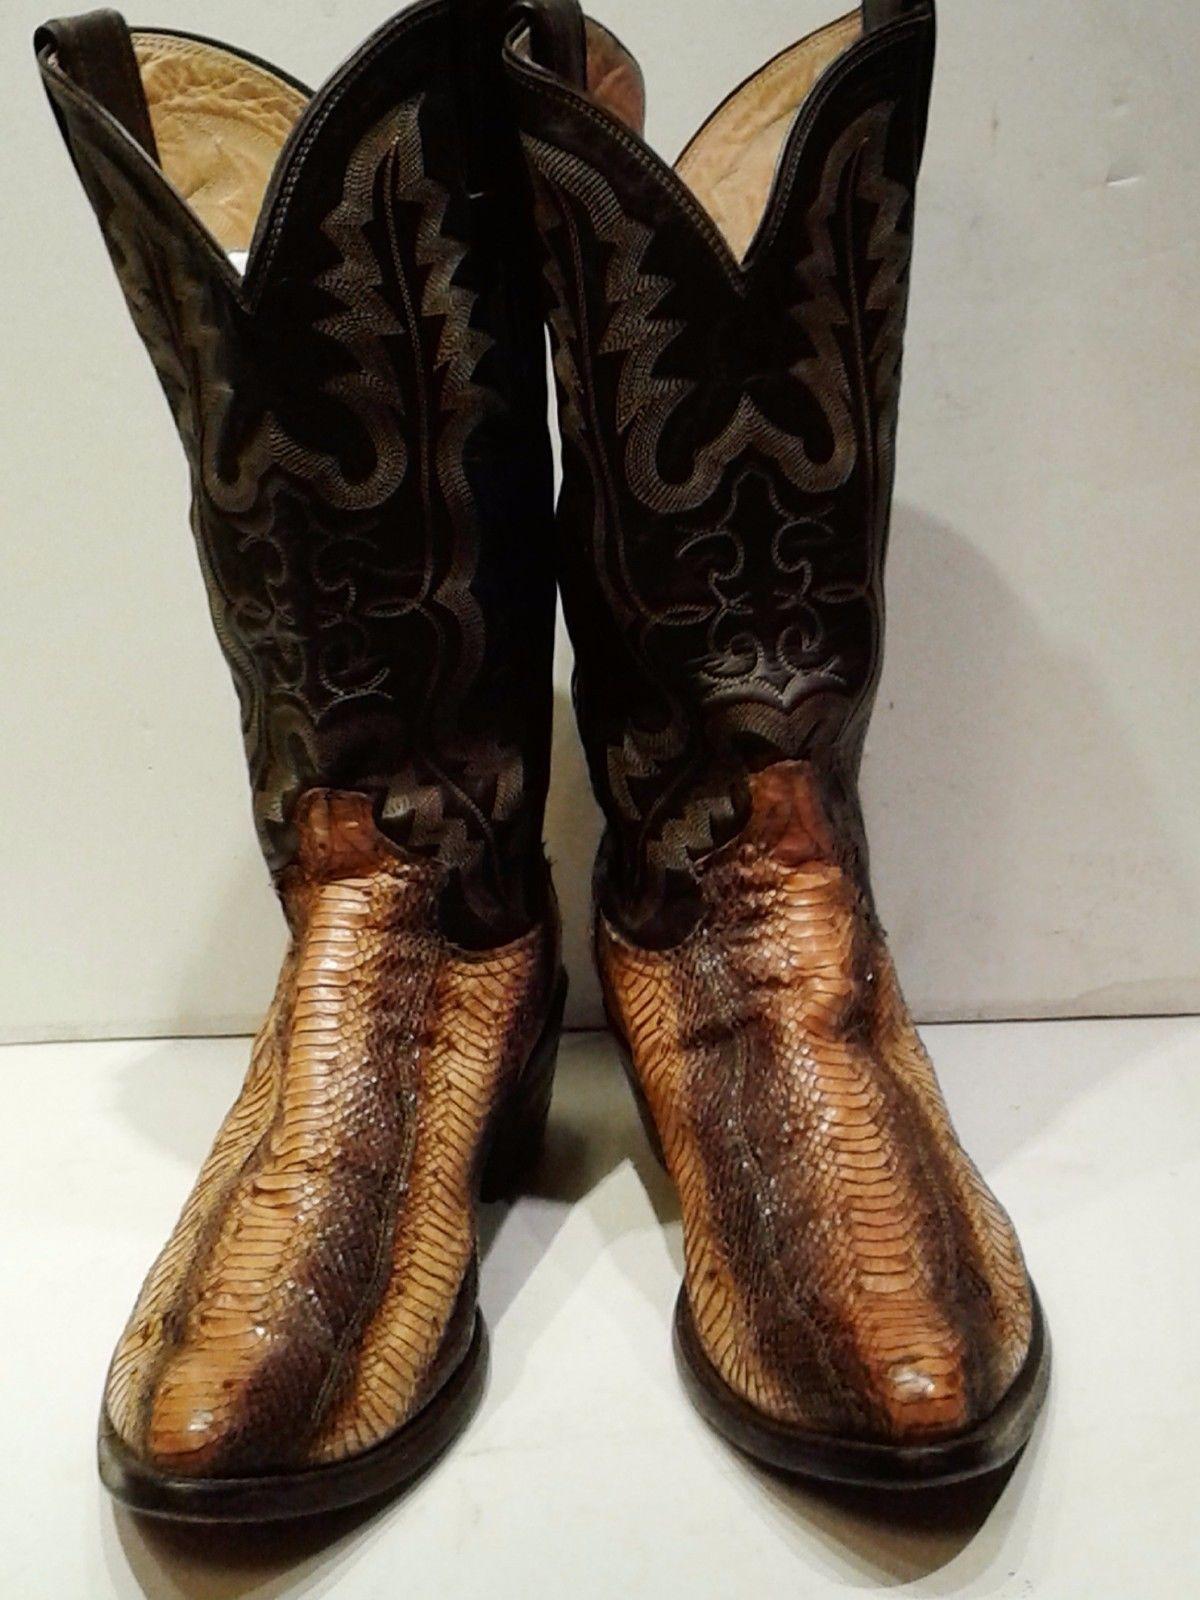 6e60f97af95 Men's Vintage Python Snakeskin Justin Cowboy Leather Boots 9 1/2 D ...